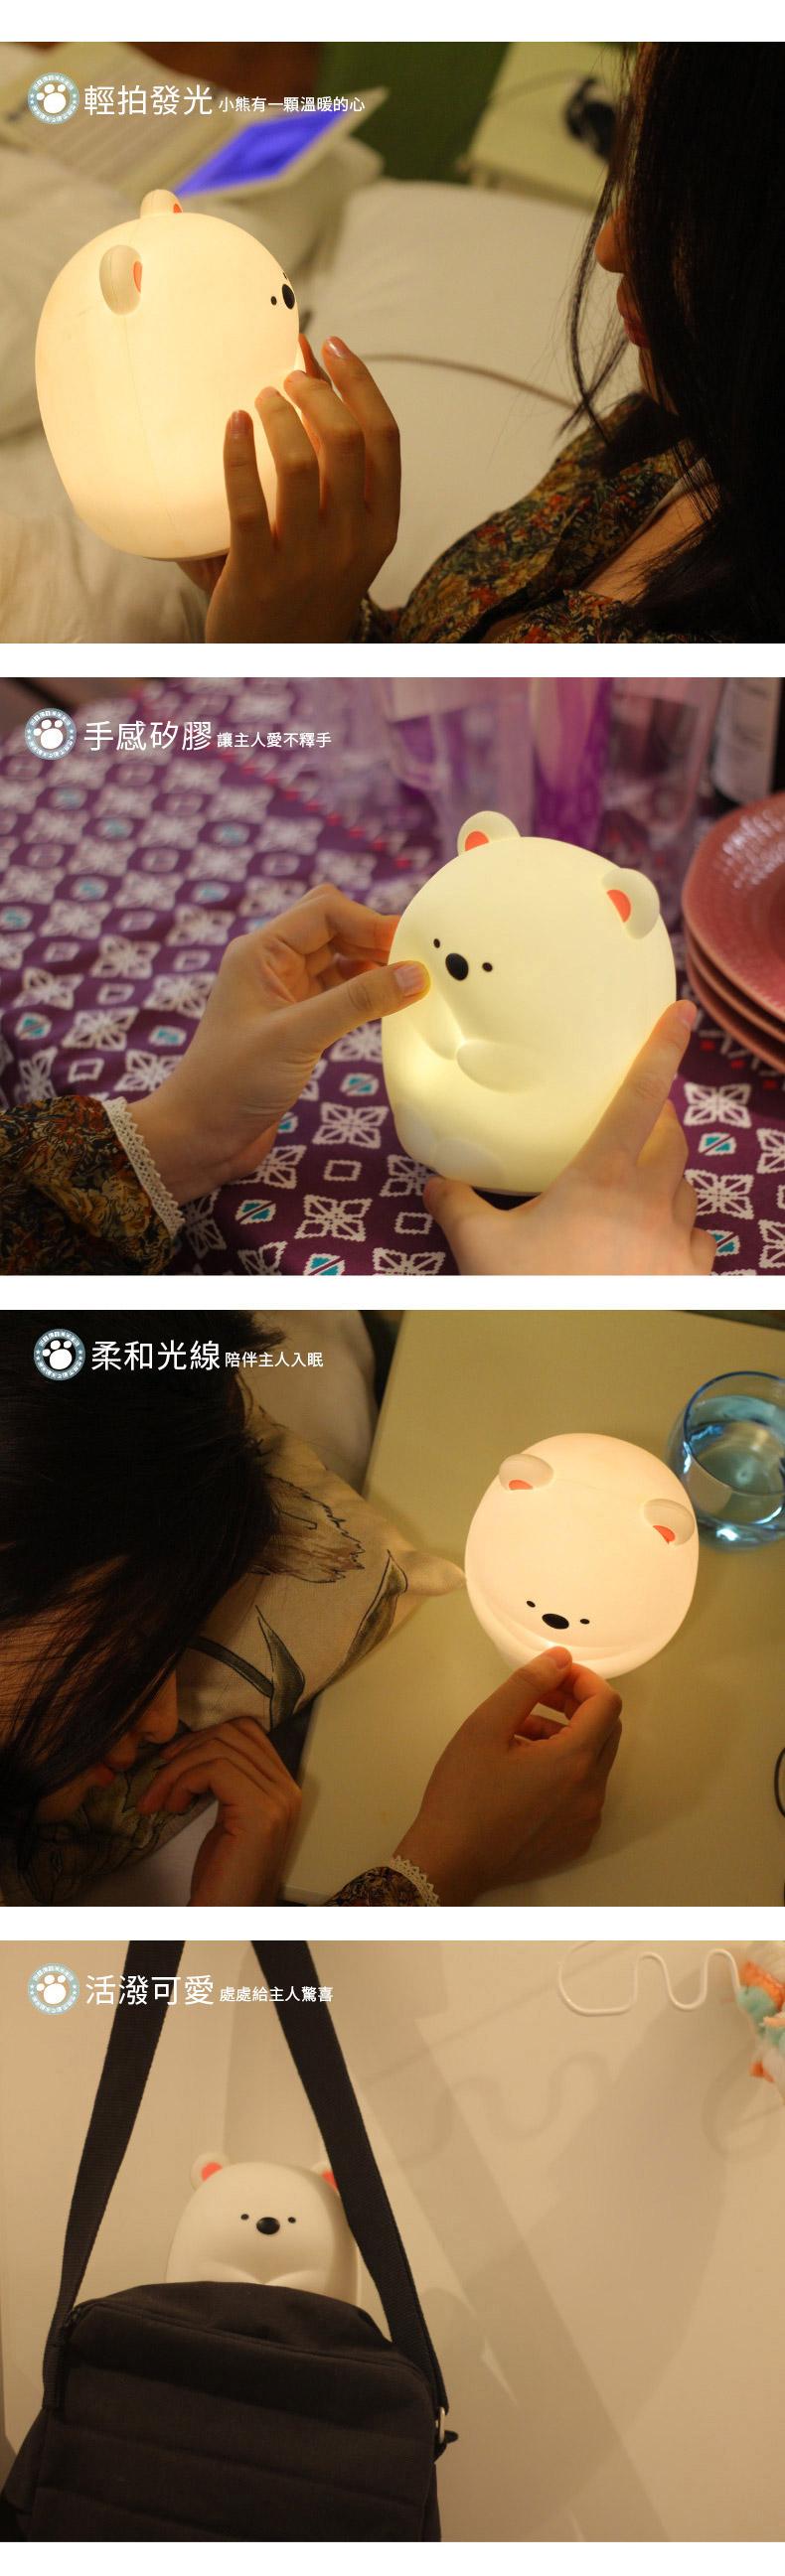 【11/10~12/25聖誕感謝祭95折】創意小物館 創意可愛七彩呆呆熊小夜燈